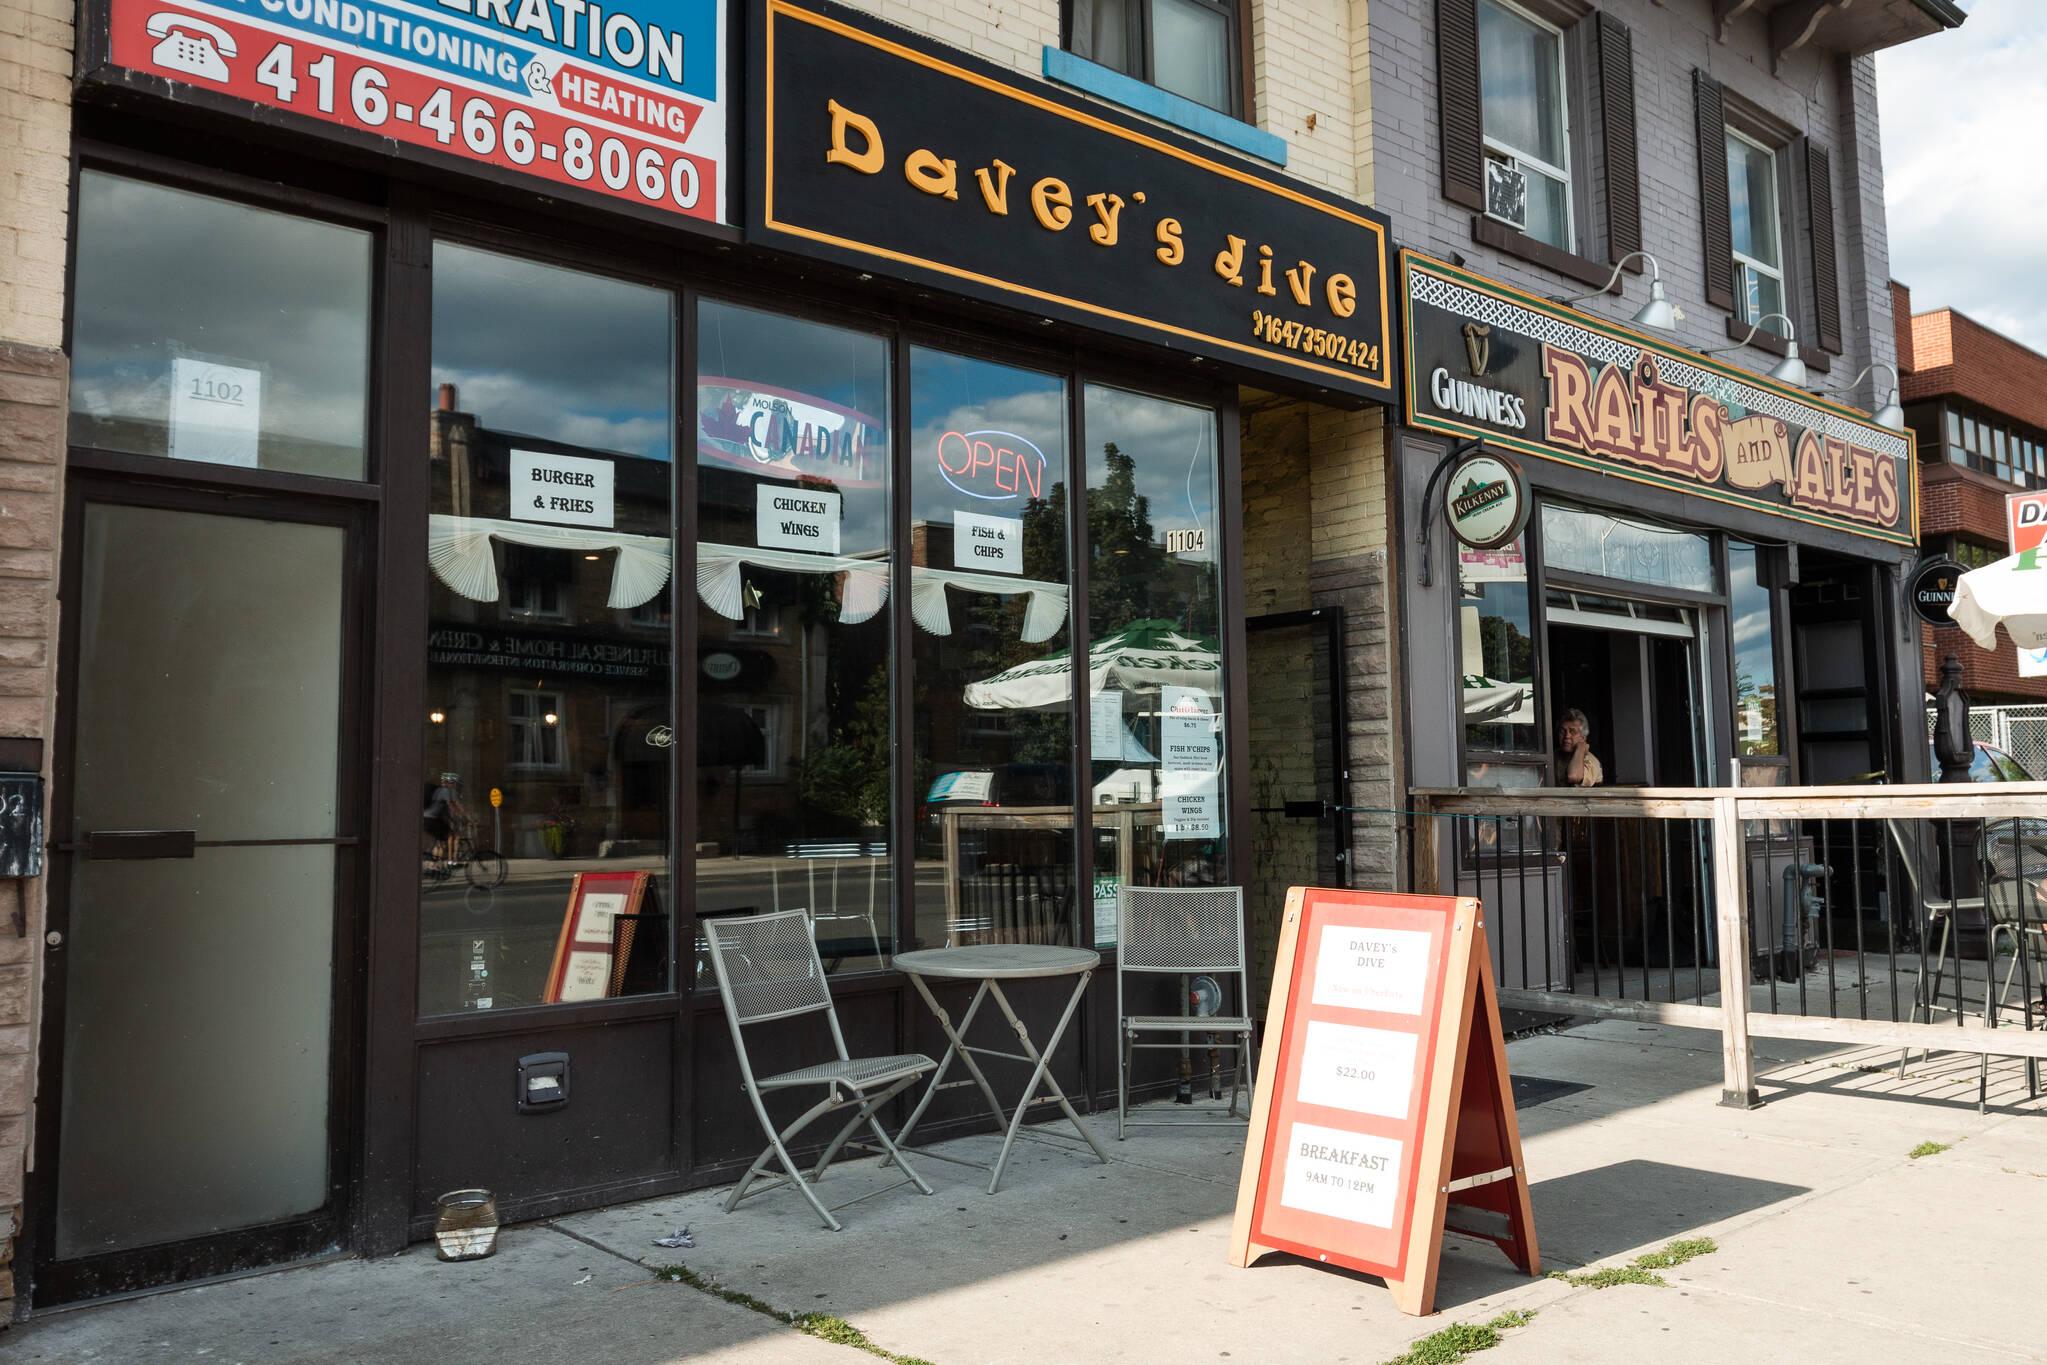 Daveys Dive Toronto